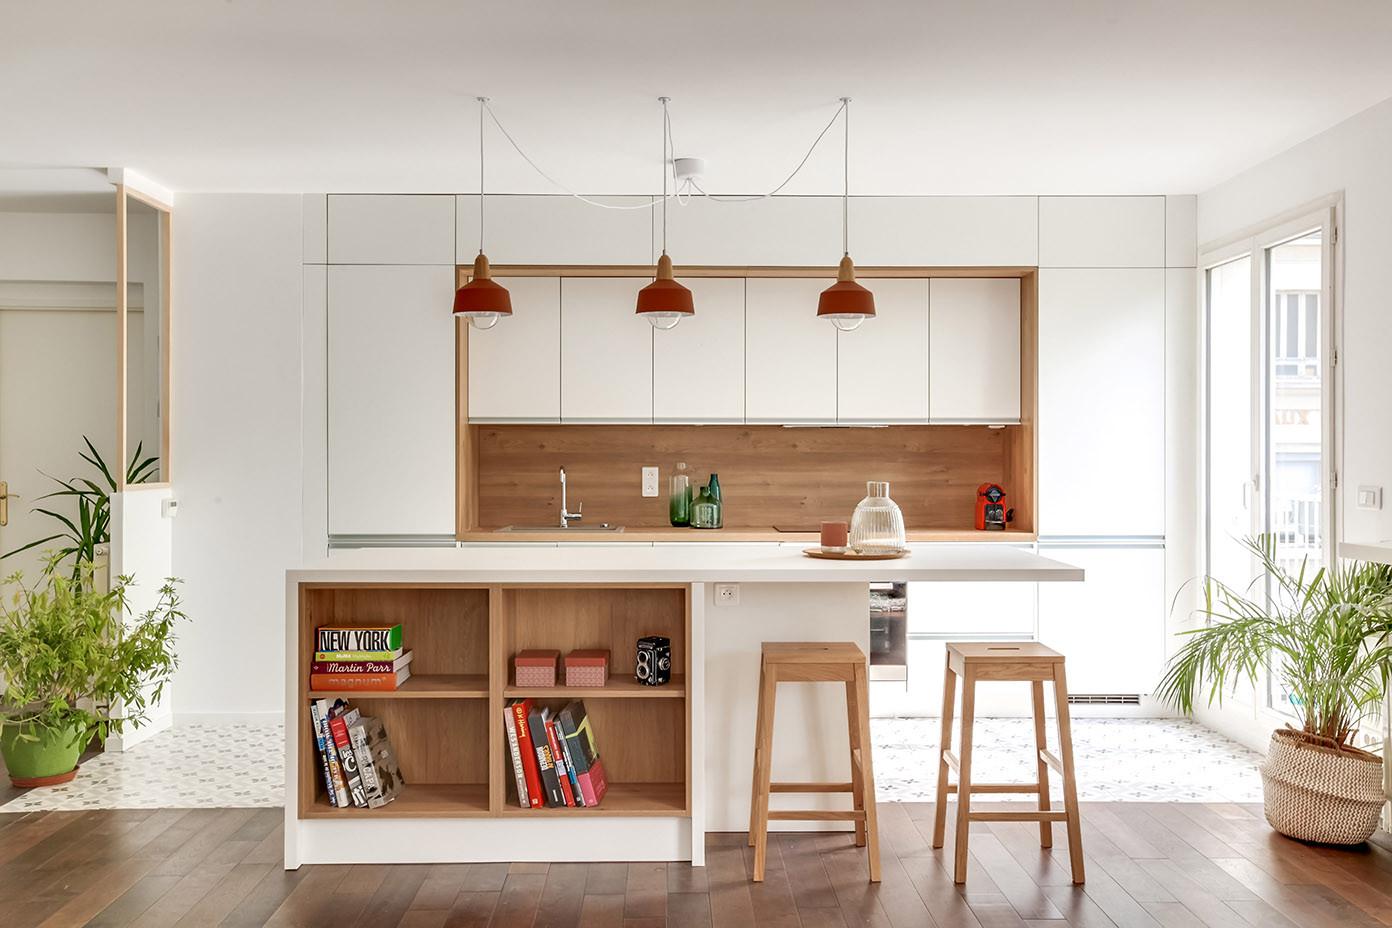 Cuisine ouverte architecte un archi dans